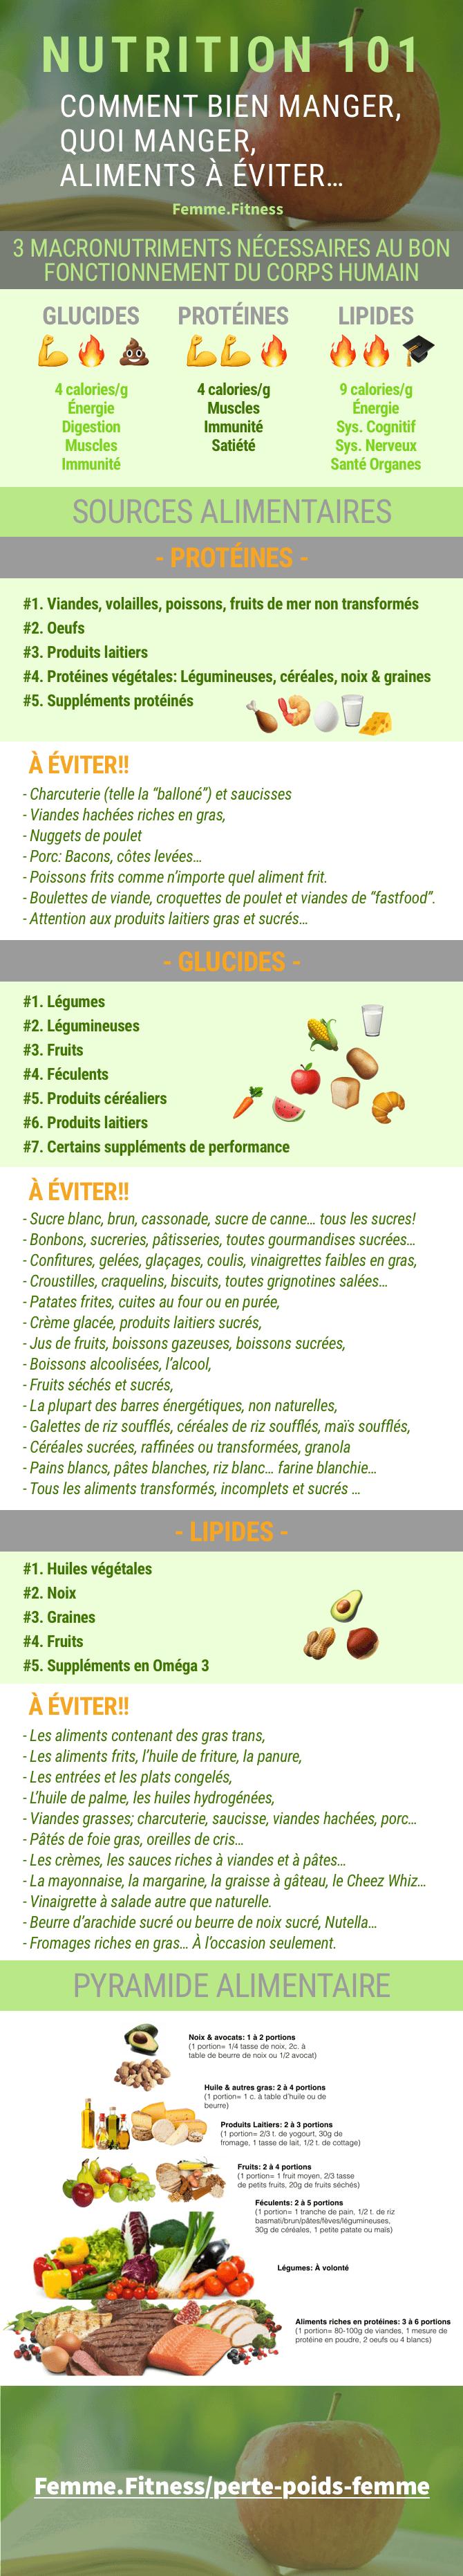 Infographie Nutrition 101: Comment bien manger, quoi manger et les aliments à éviter